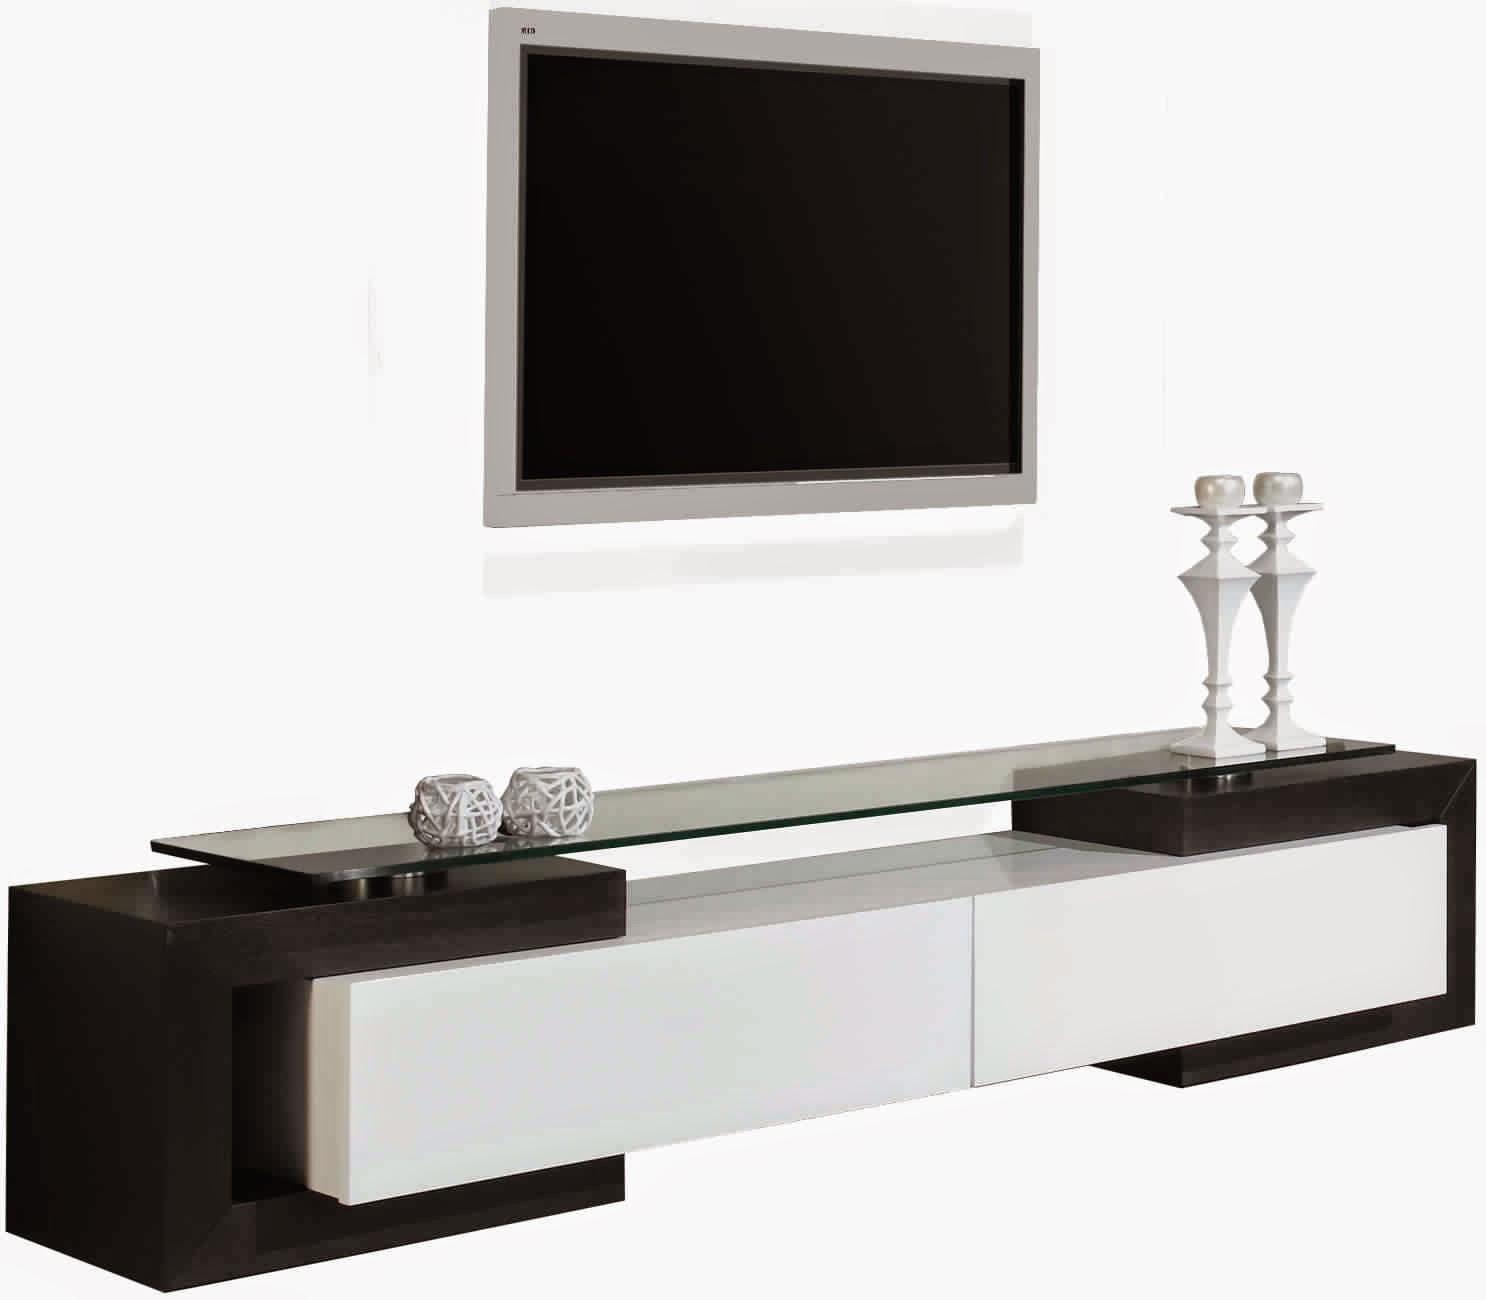 Meuble tv noir et blanc meuble tv for Meuble noir et blanc